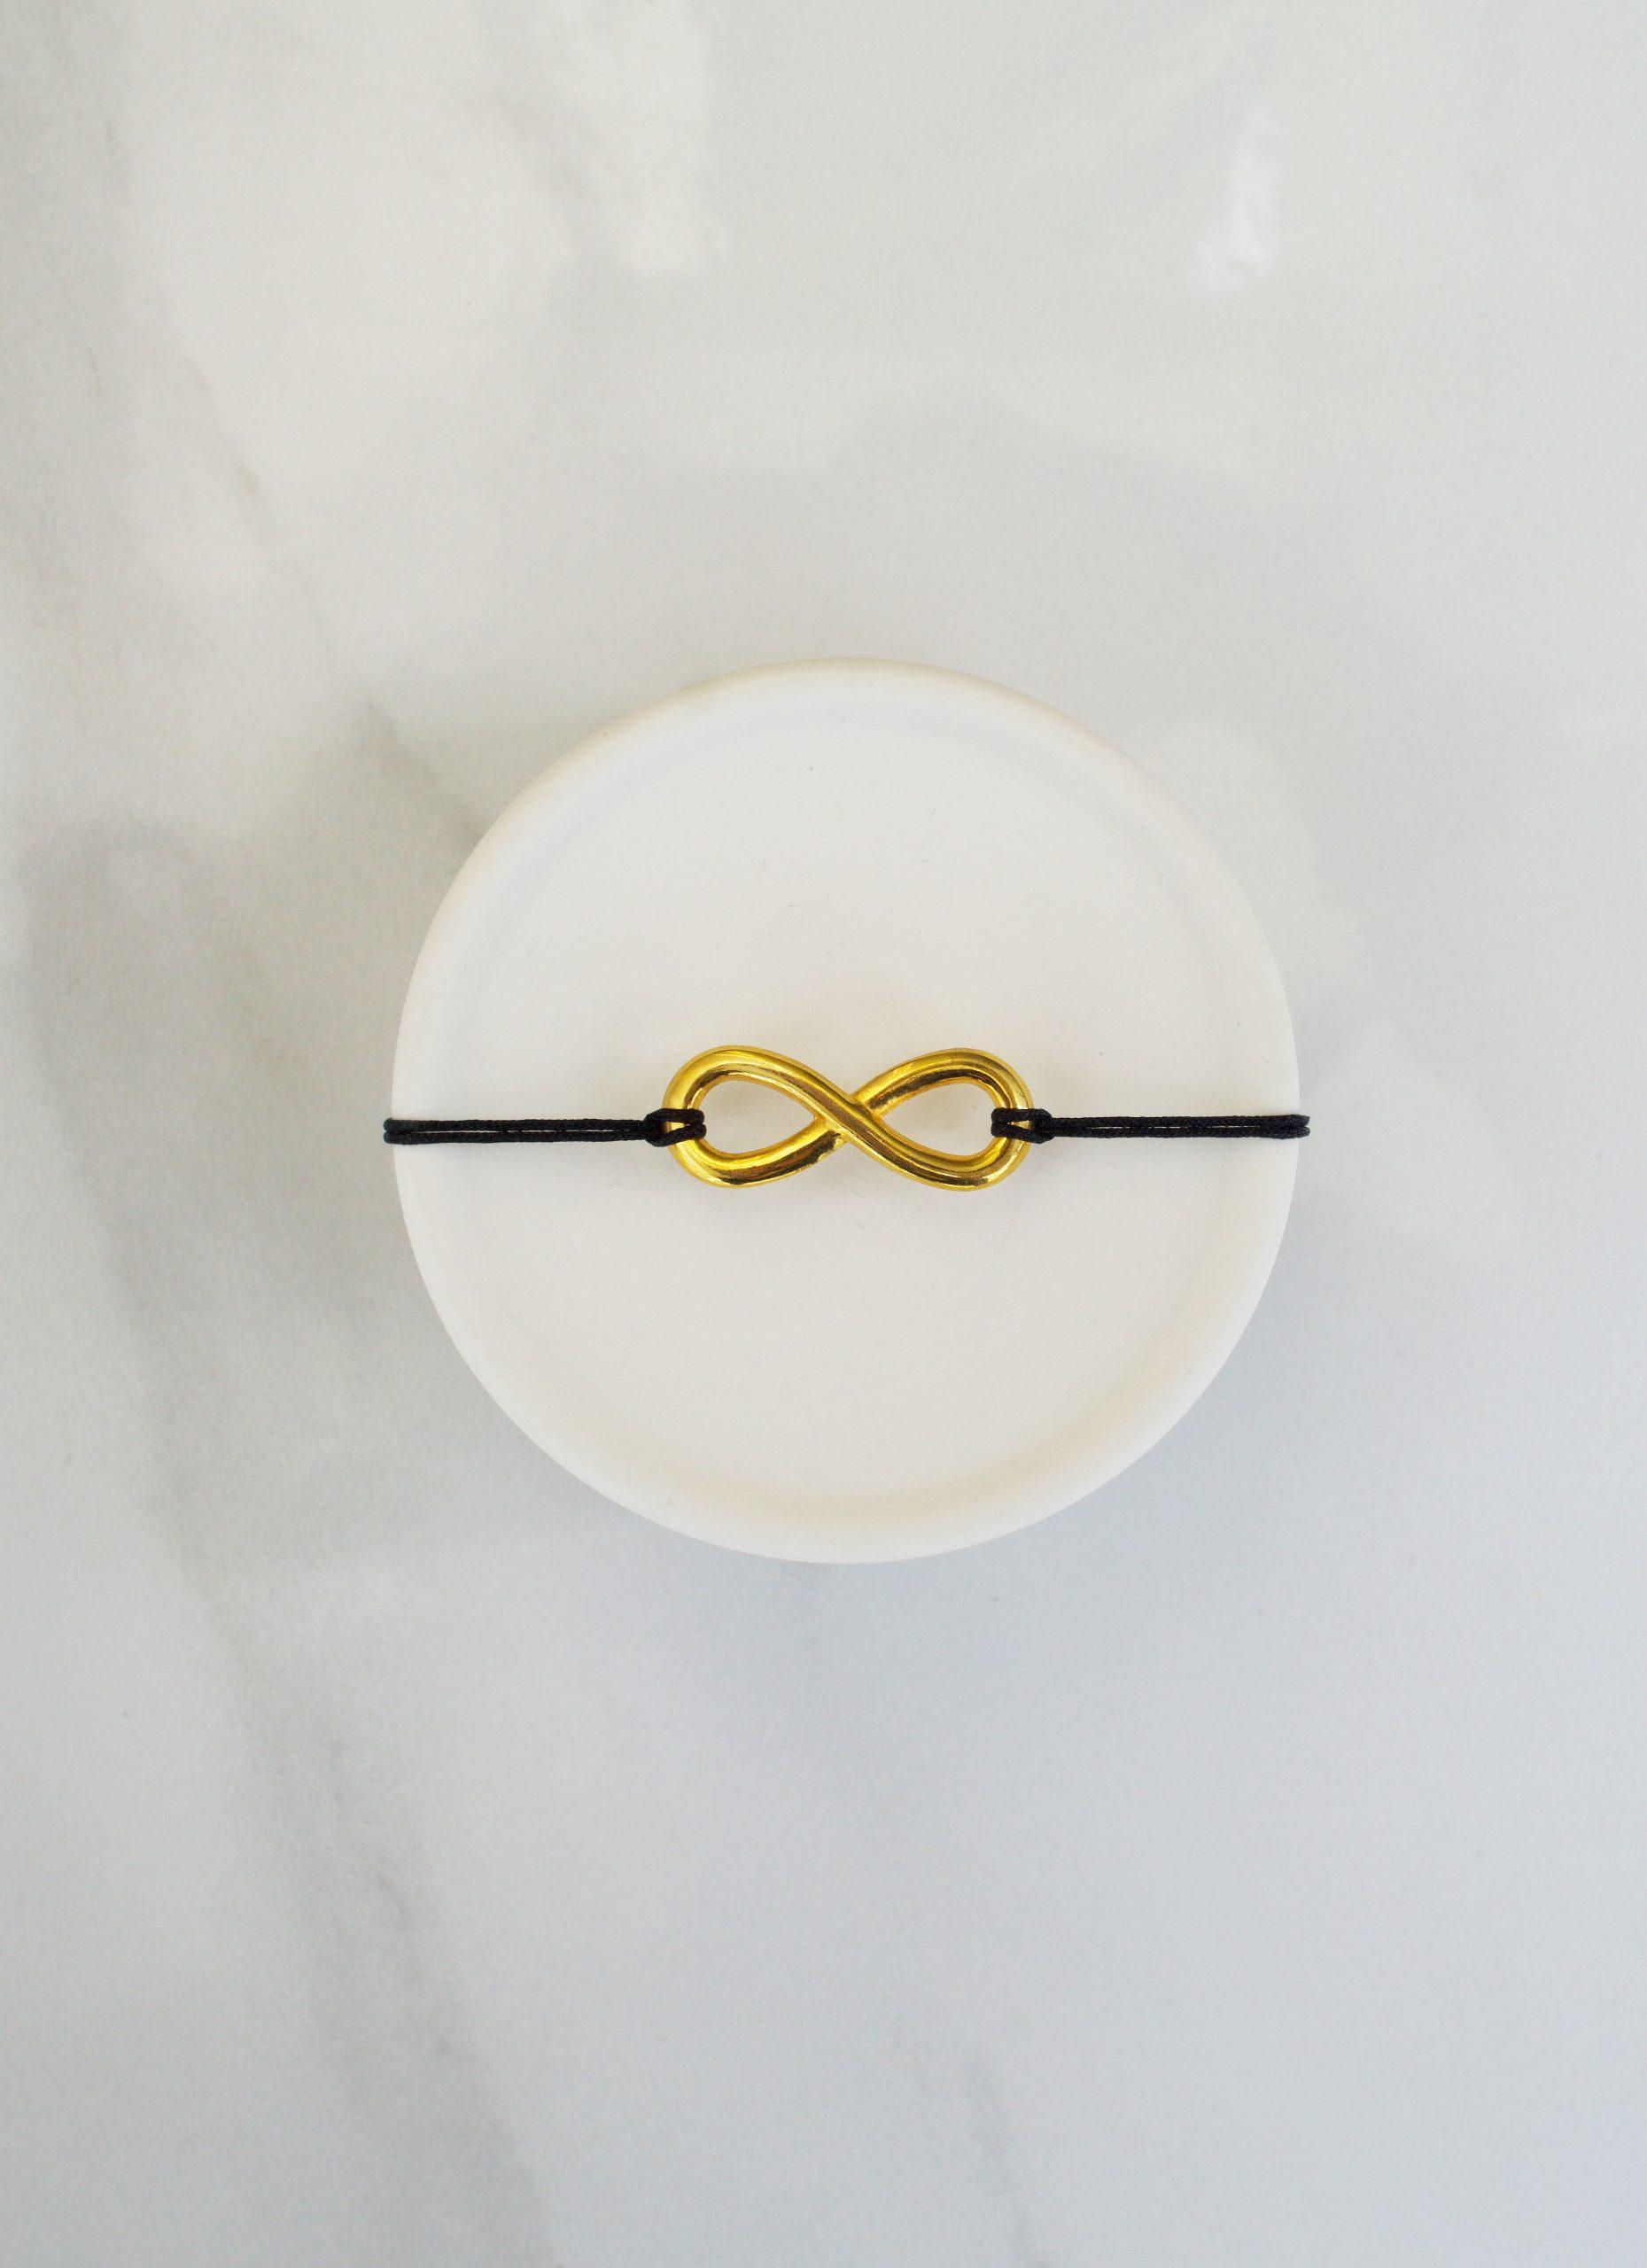 Infinity Charm Bracelet Illusion Boutique